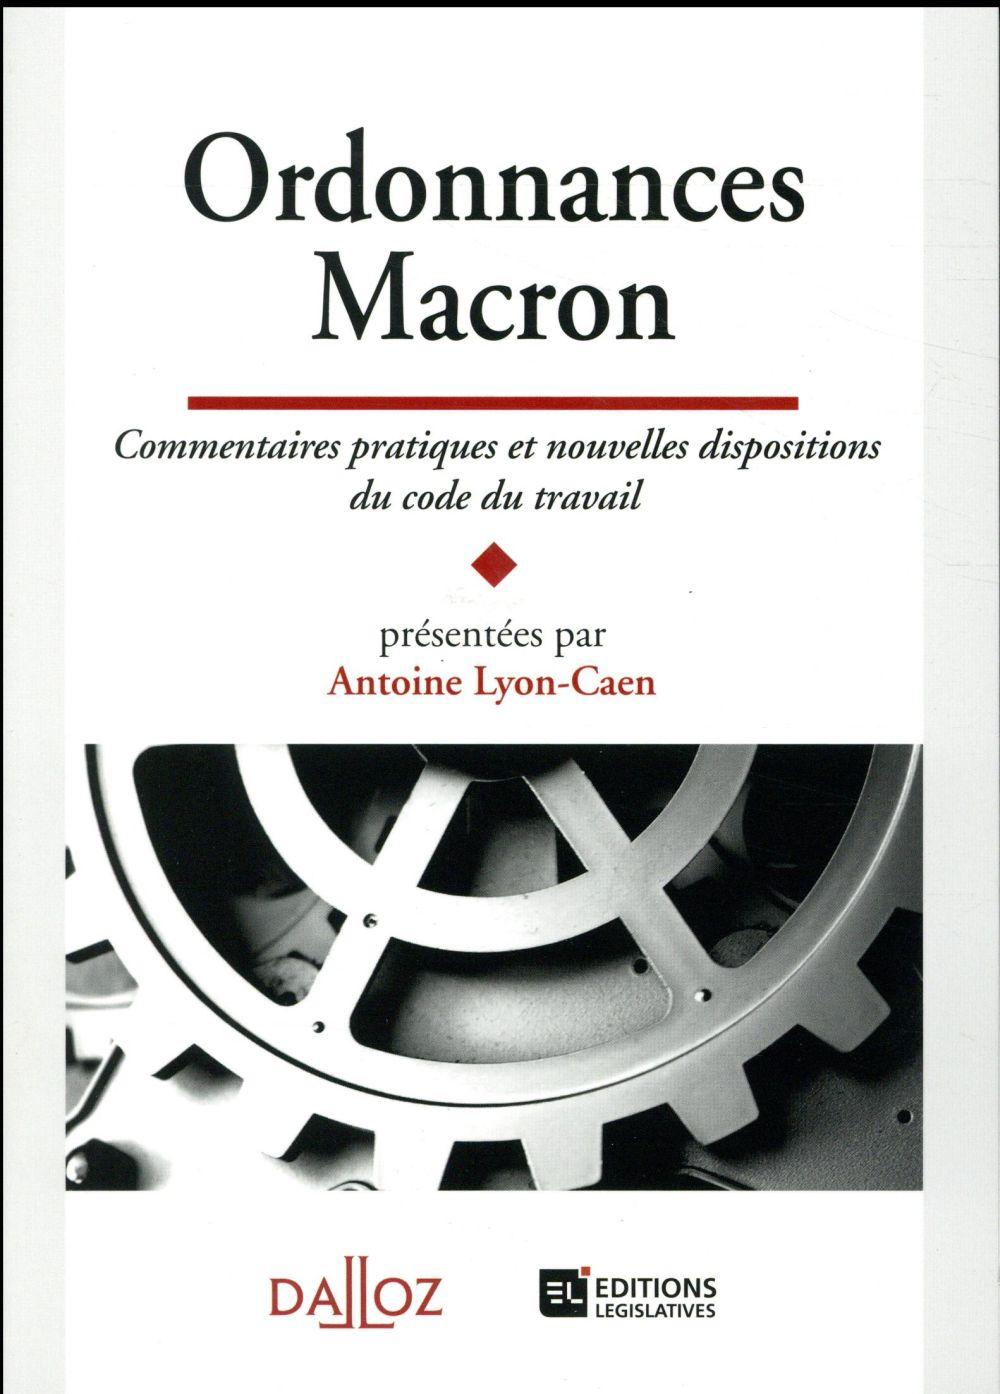 Ordonnances Macron ; commentaires pratiques et nouvelles dispositions du code du travail